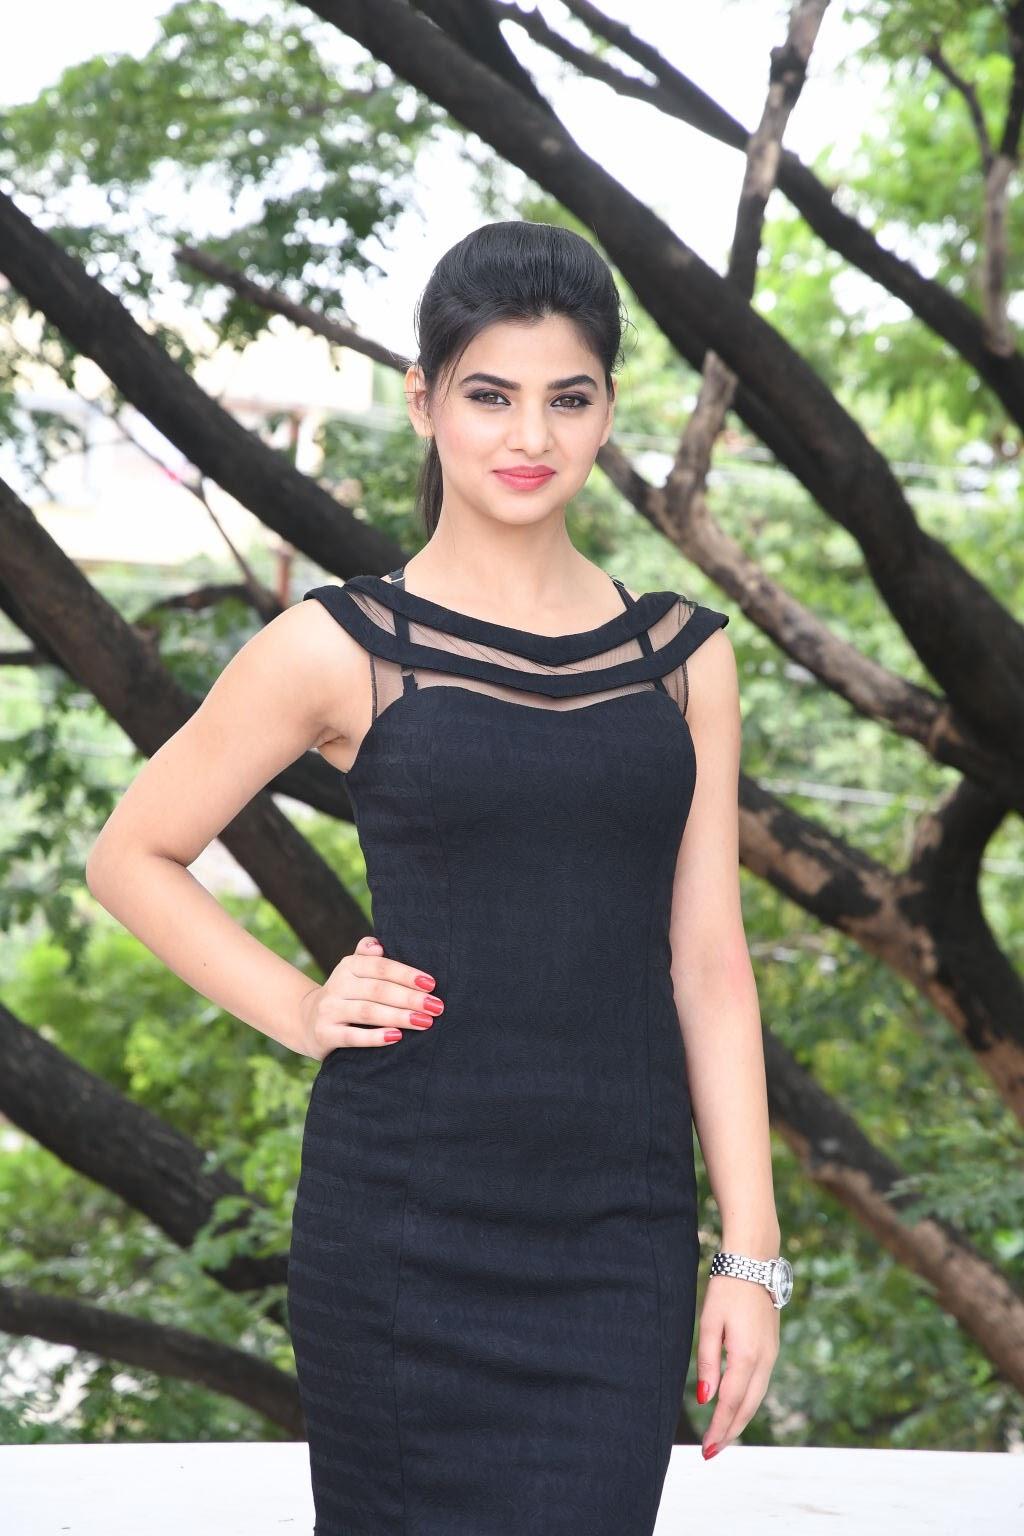 kamna ranawat new glam pics-HQ-Photo-49